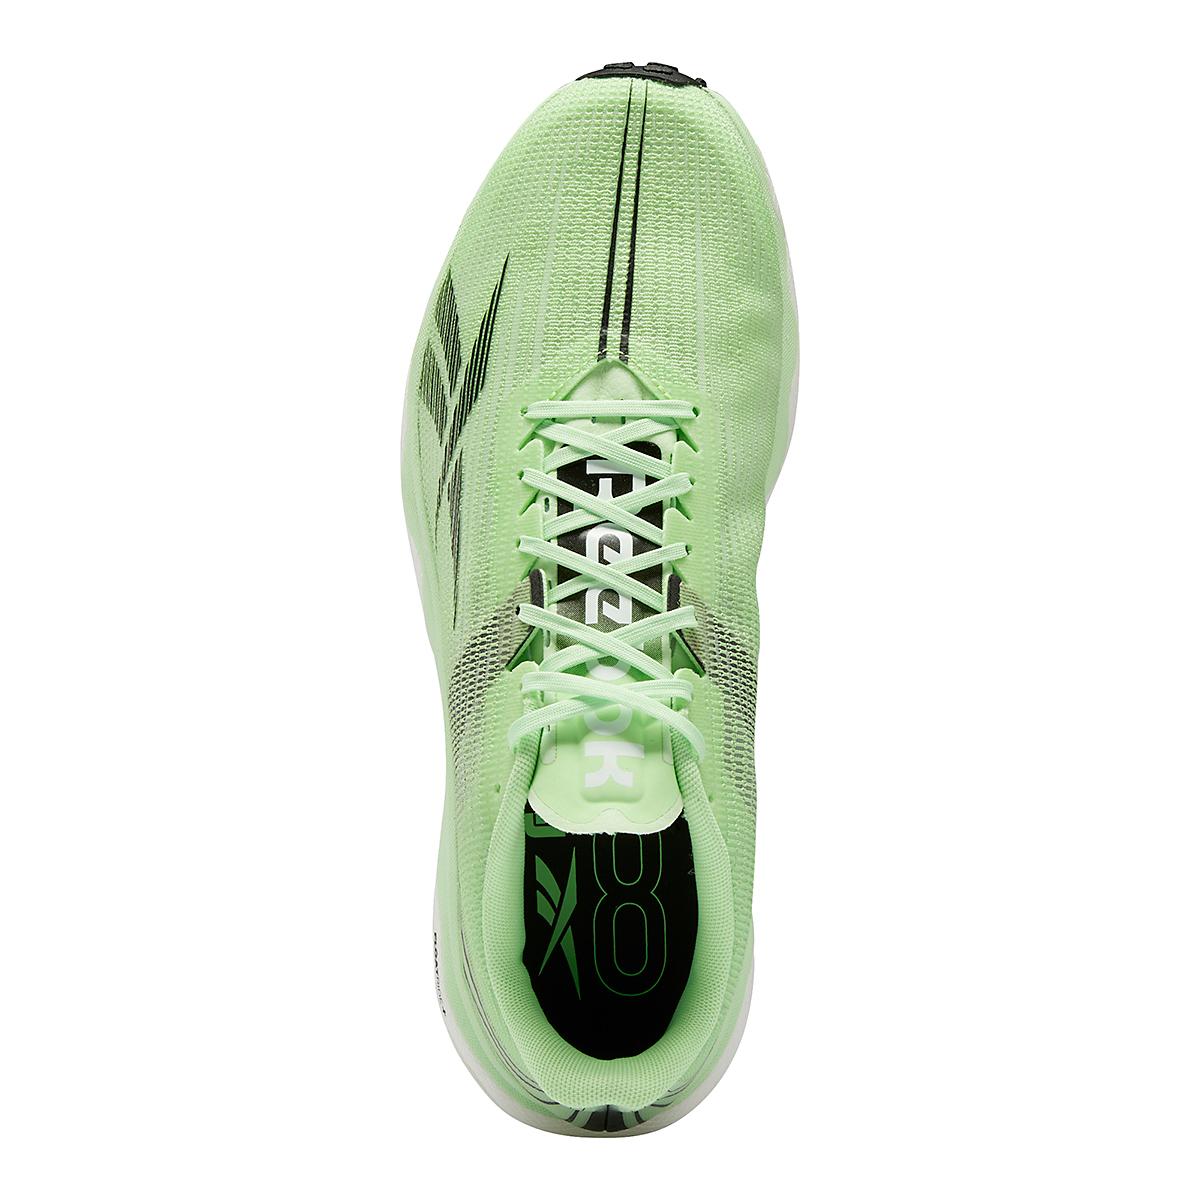 Men's Reebok Floatride Run Fast 3.0 Running Shoe - Color: Neon Mint/White/Core Black - Size: 7 - Width: Regular, Neon Mint/White/Core Black, large, image 6